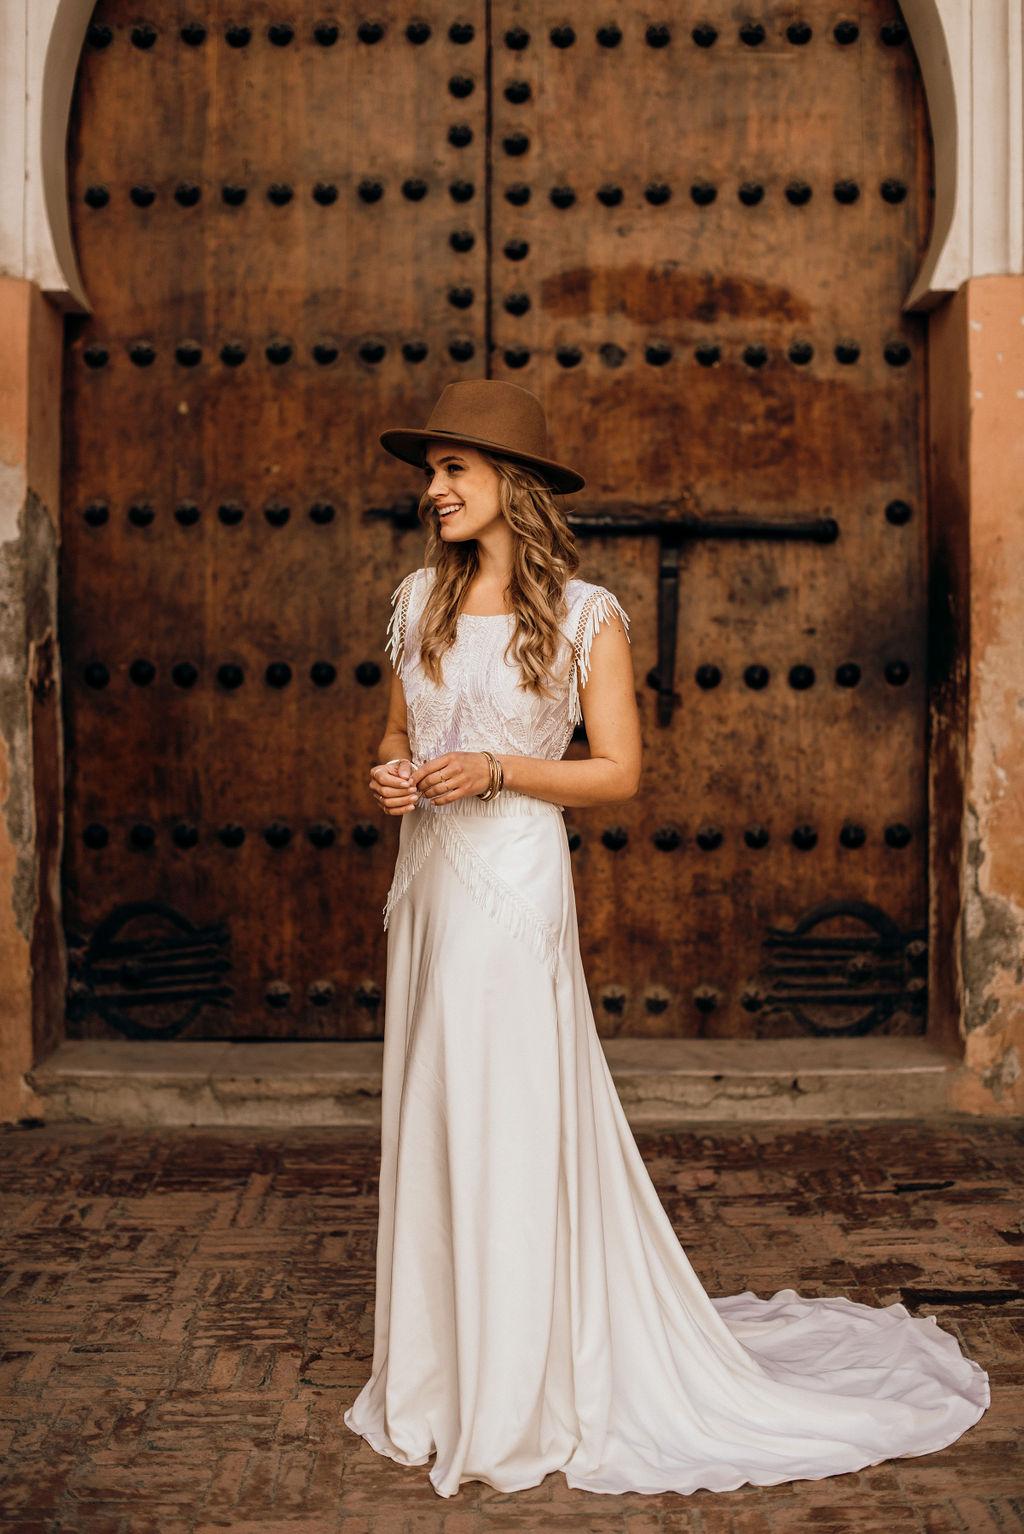 Brautkleid Boho mit Hut, Brautkleid Köln, Brautkleid lang Spitze und Schleppe